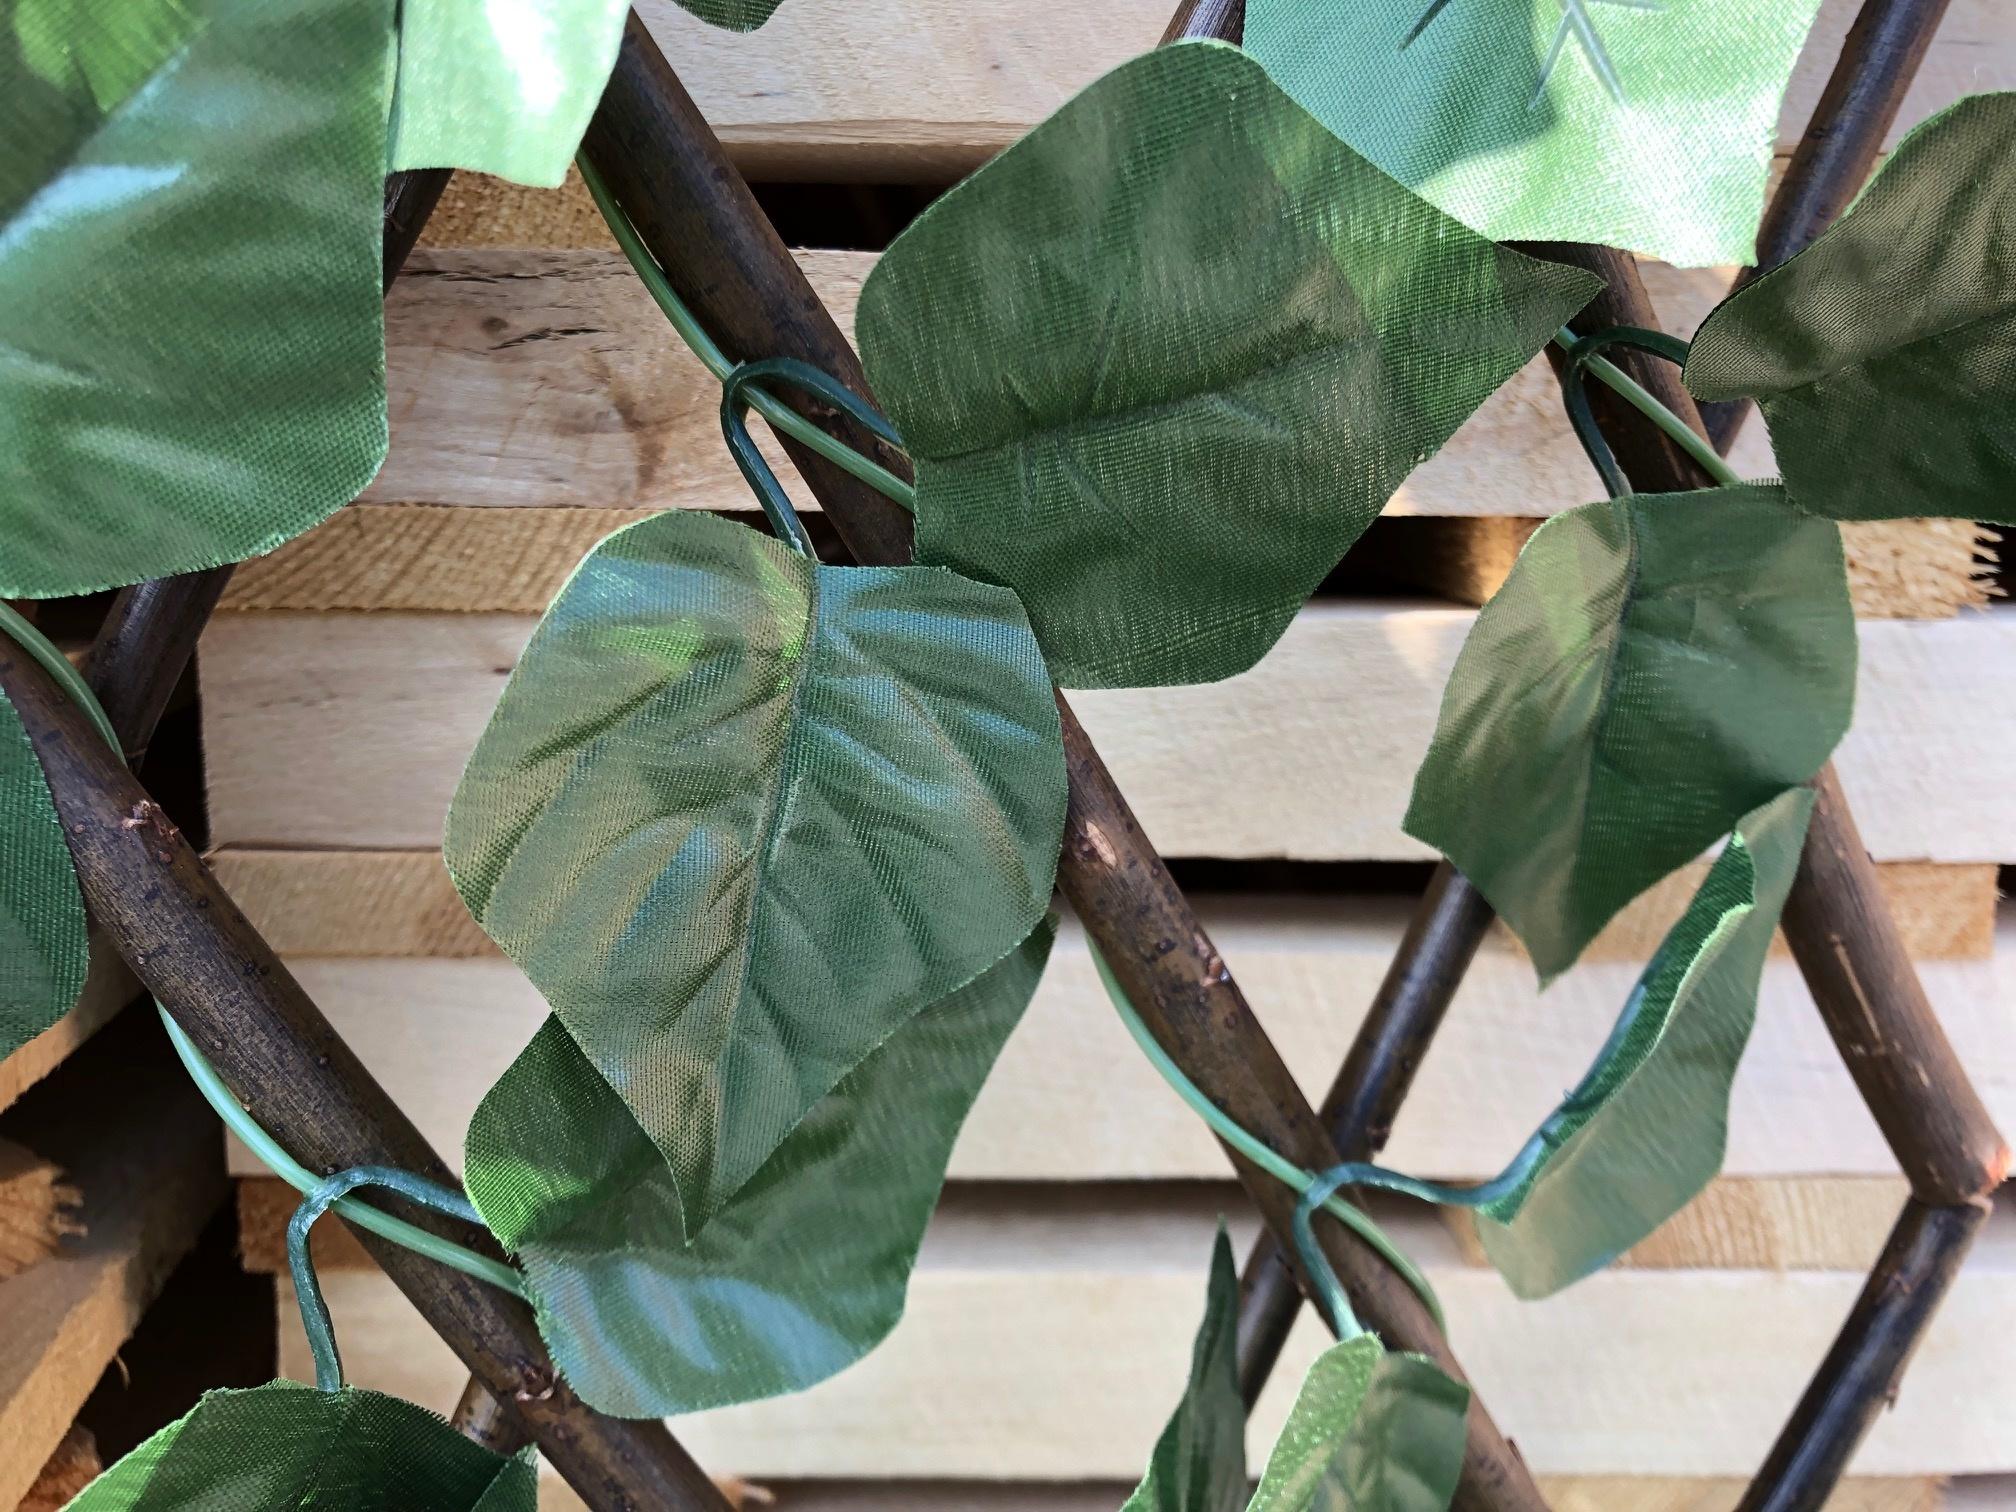 TuinChamp Wilgen trellis met kunststof bladeren